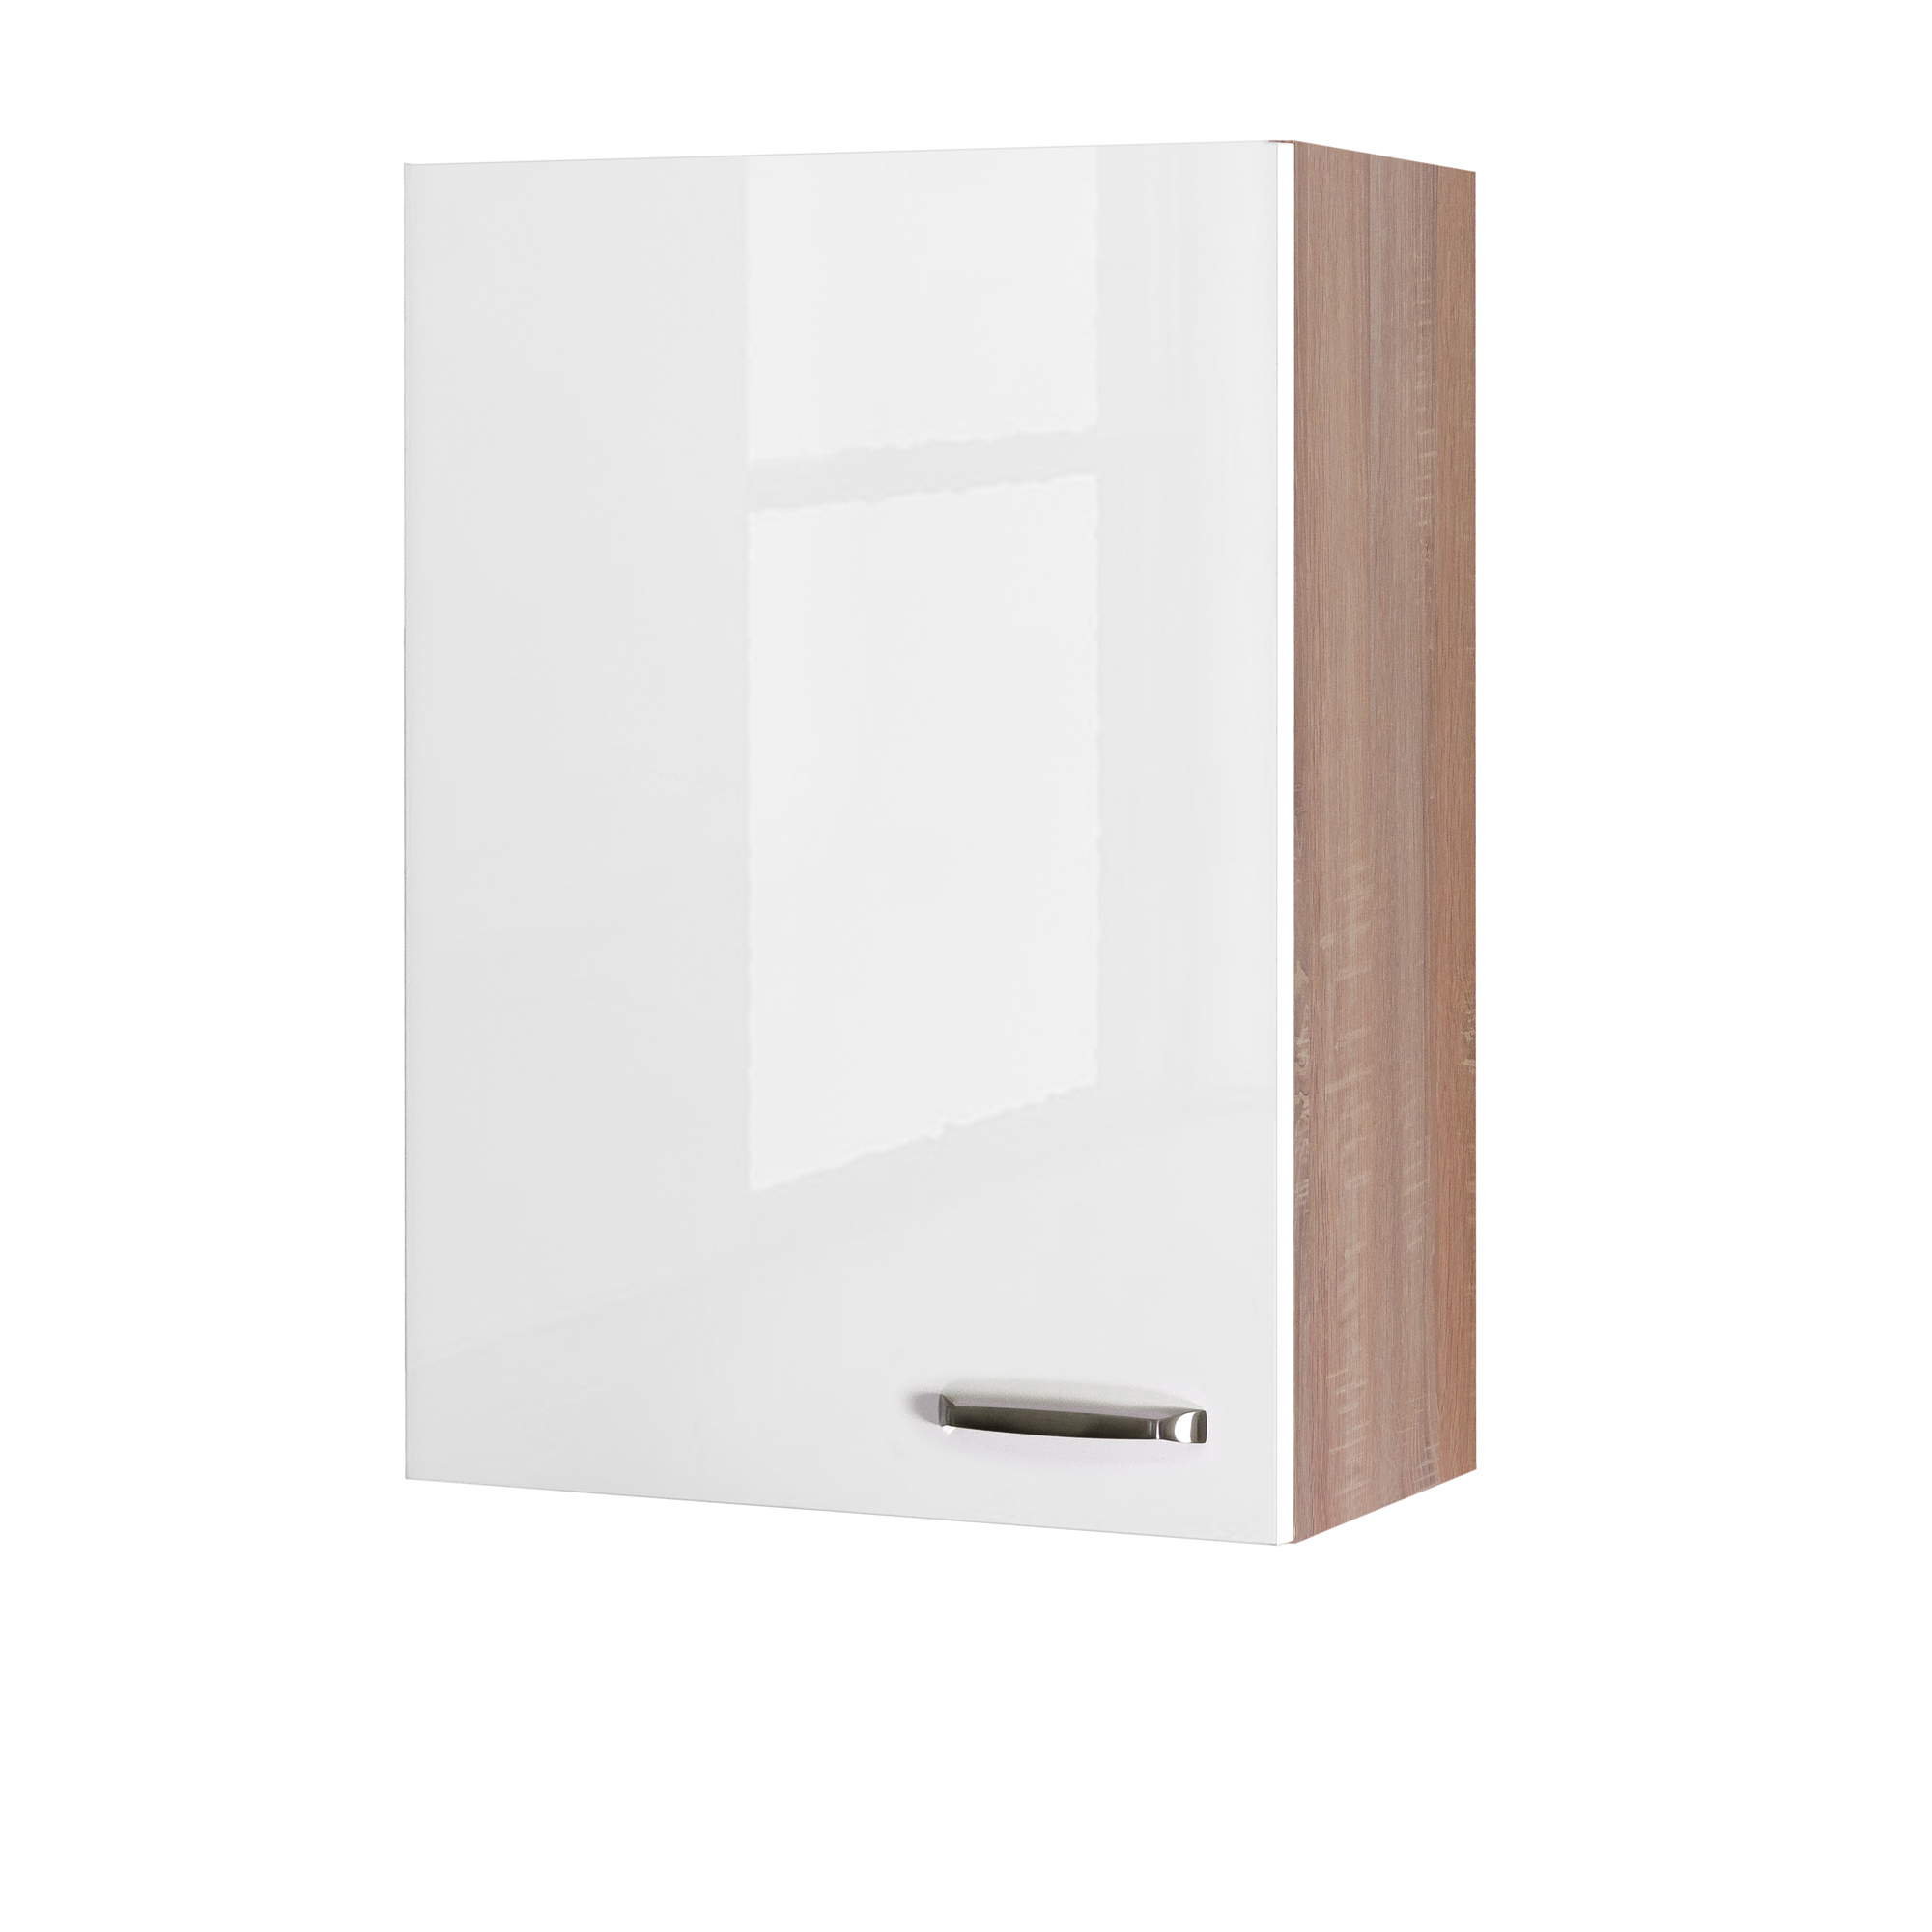 Full Size of Küche Hängeschrank Höhe Holzofen Industrie Deckenleuchten Was Kostet Eine Neue Wasserhahn Für Küchen Regal Günstig Mit Elektrogeräten Hängeregal Küche Küche Hängeschrank Höhe